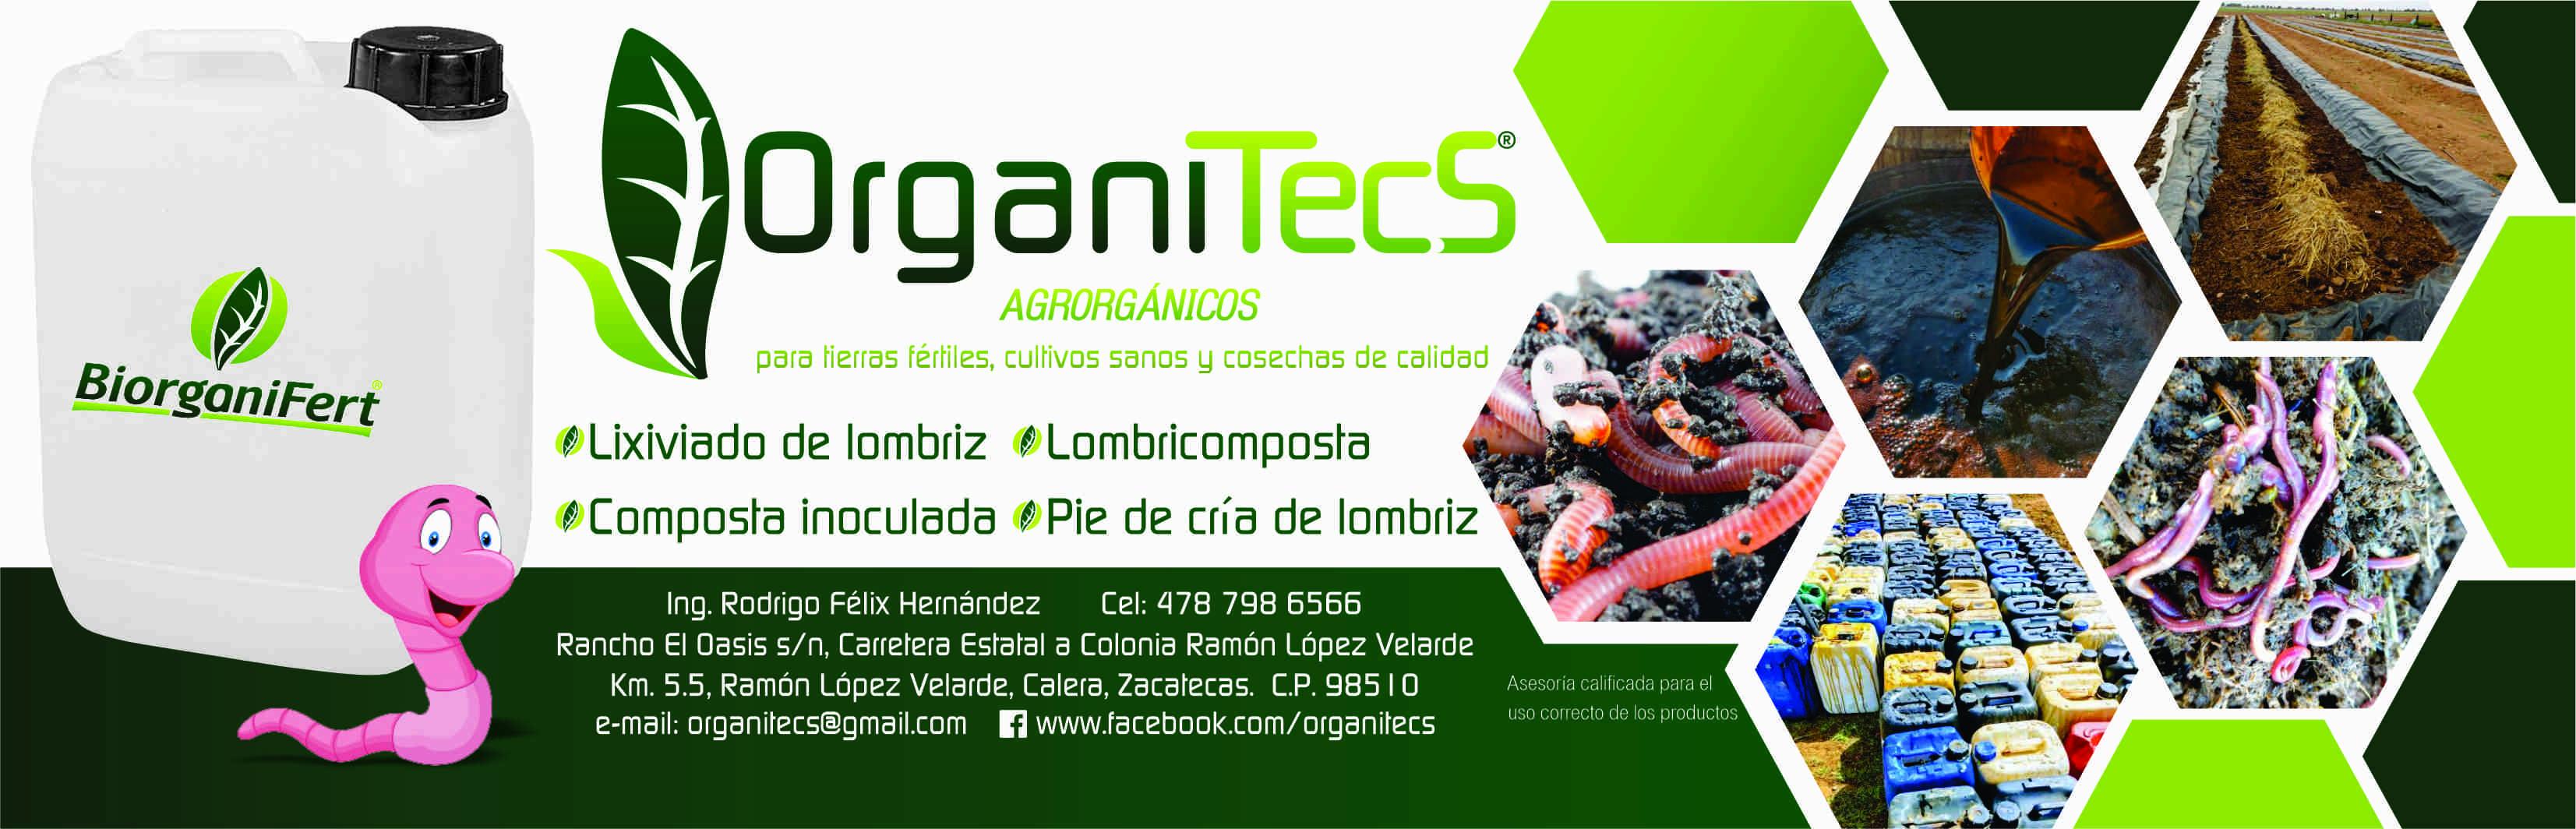 OrganiTecs